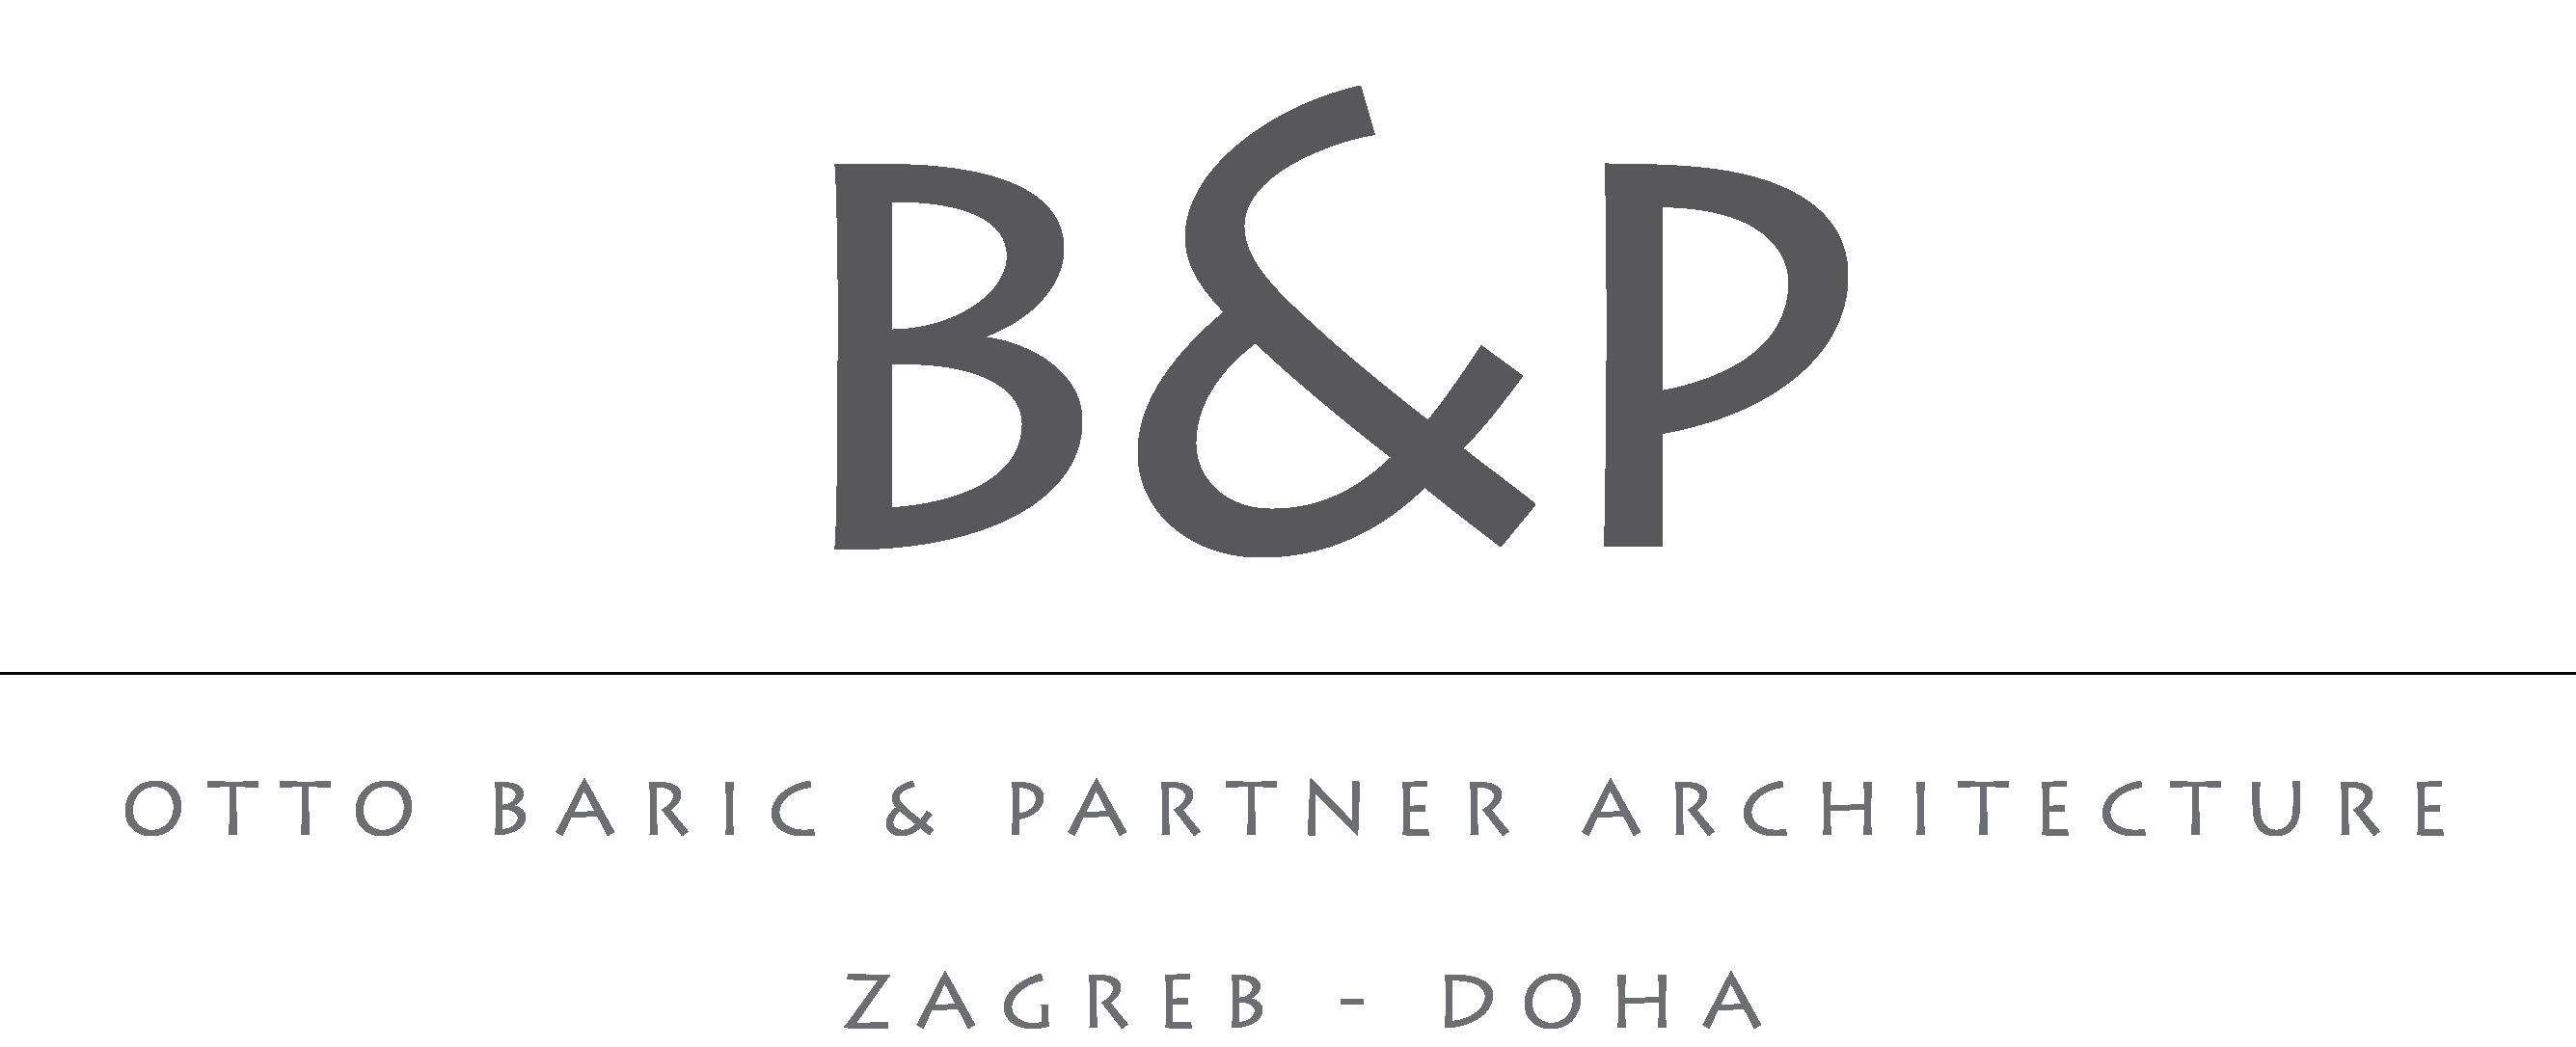 B&P Architecture